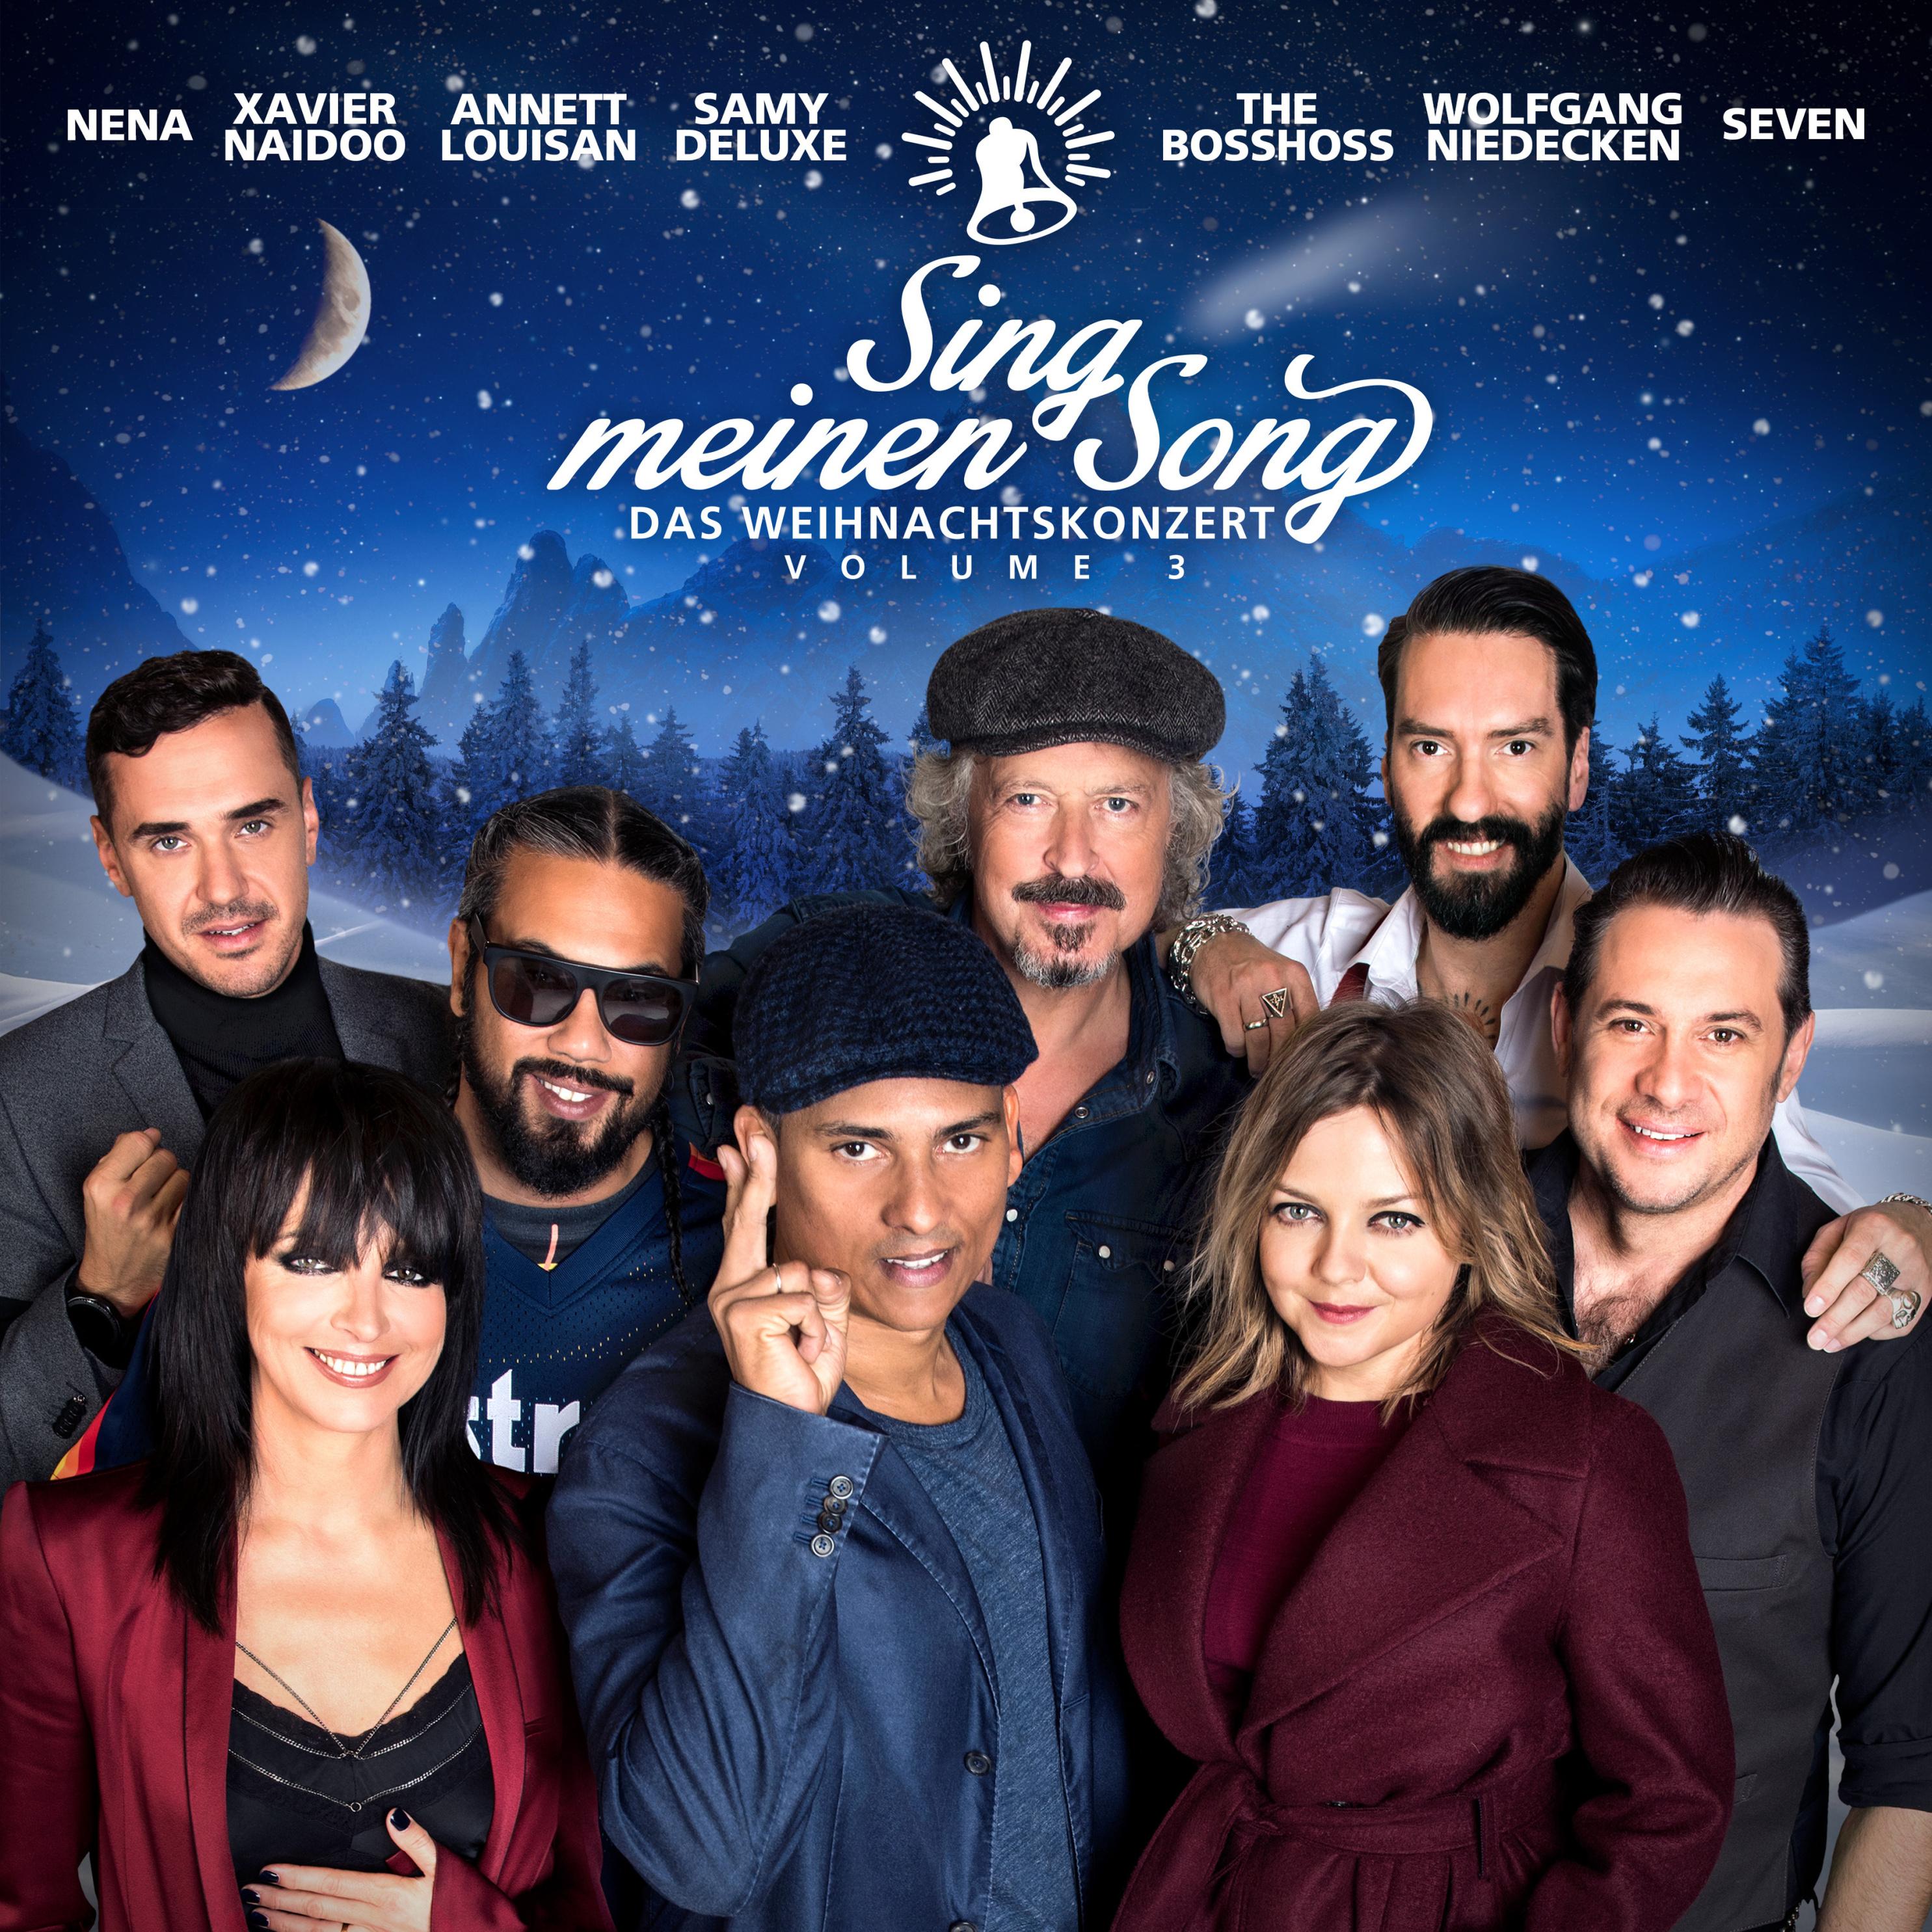 Sing meinen Song - Das Weihnachtskonzert Vol. 3 von